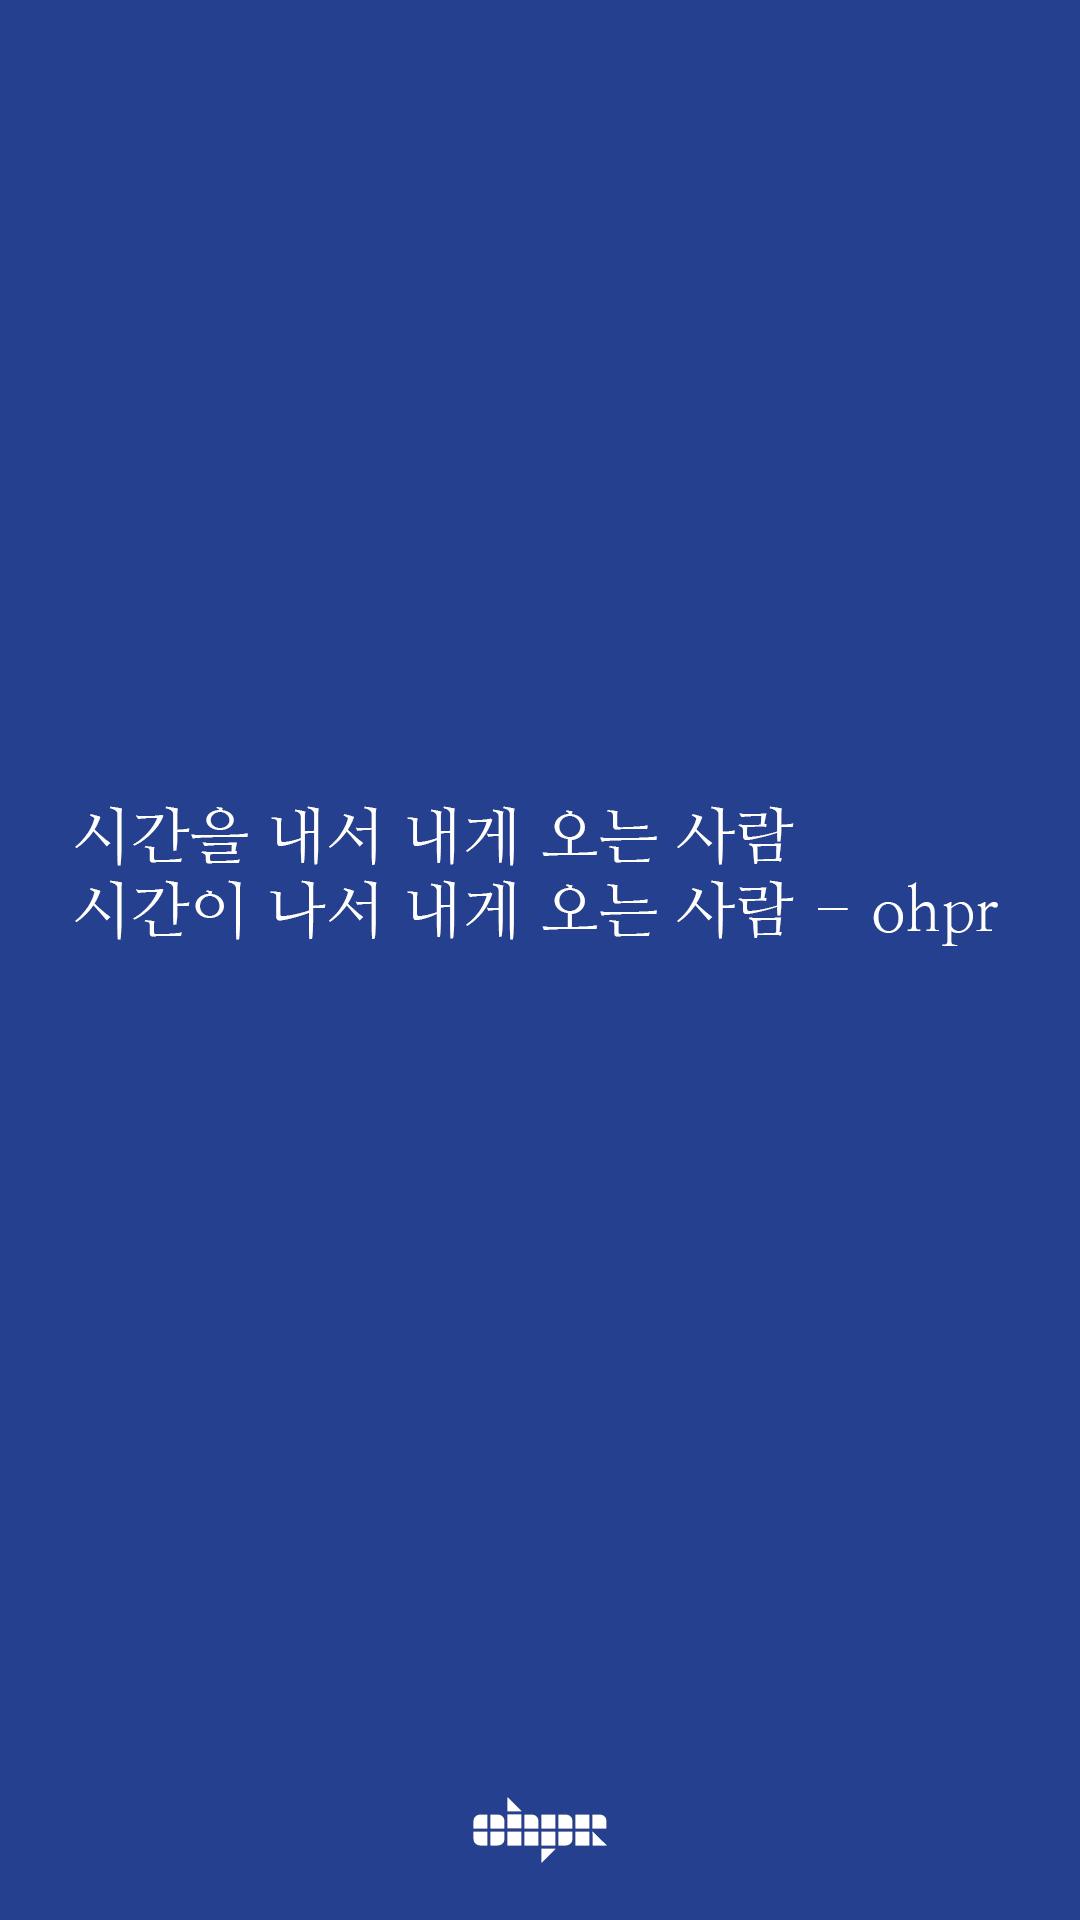 ohpr_wording4